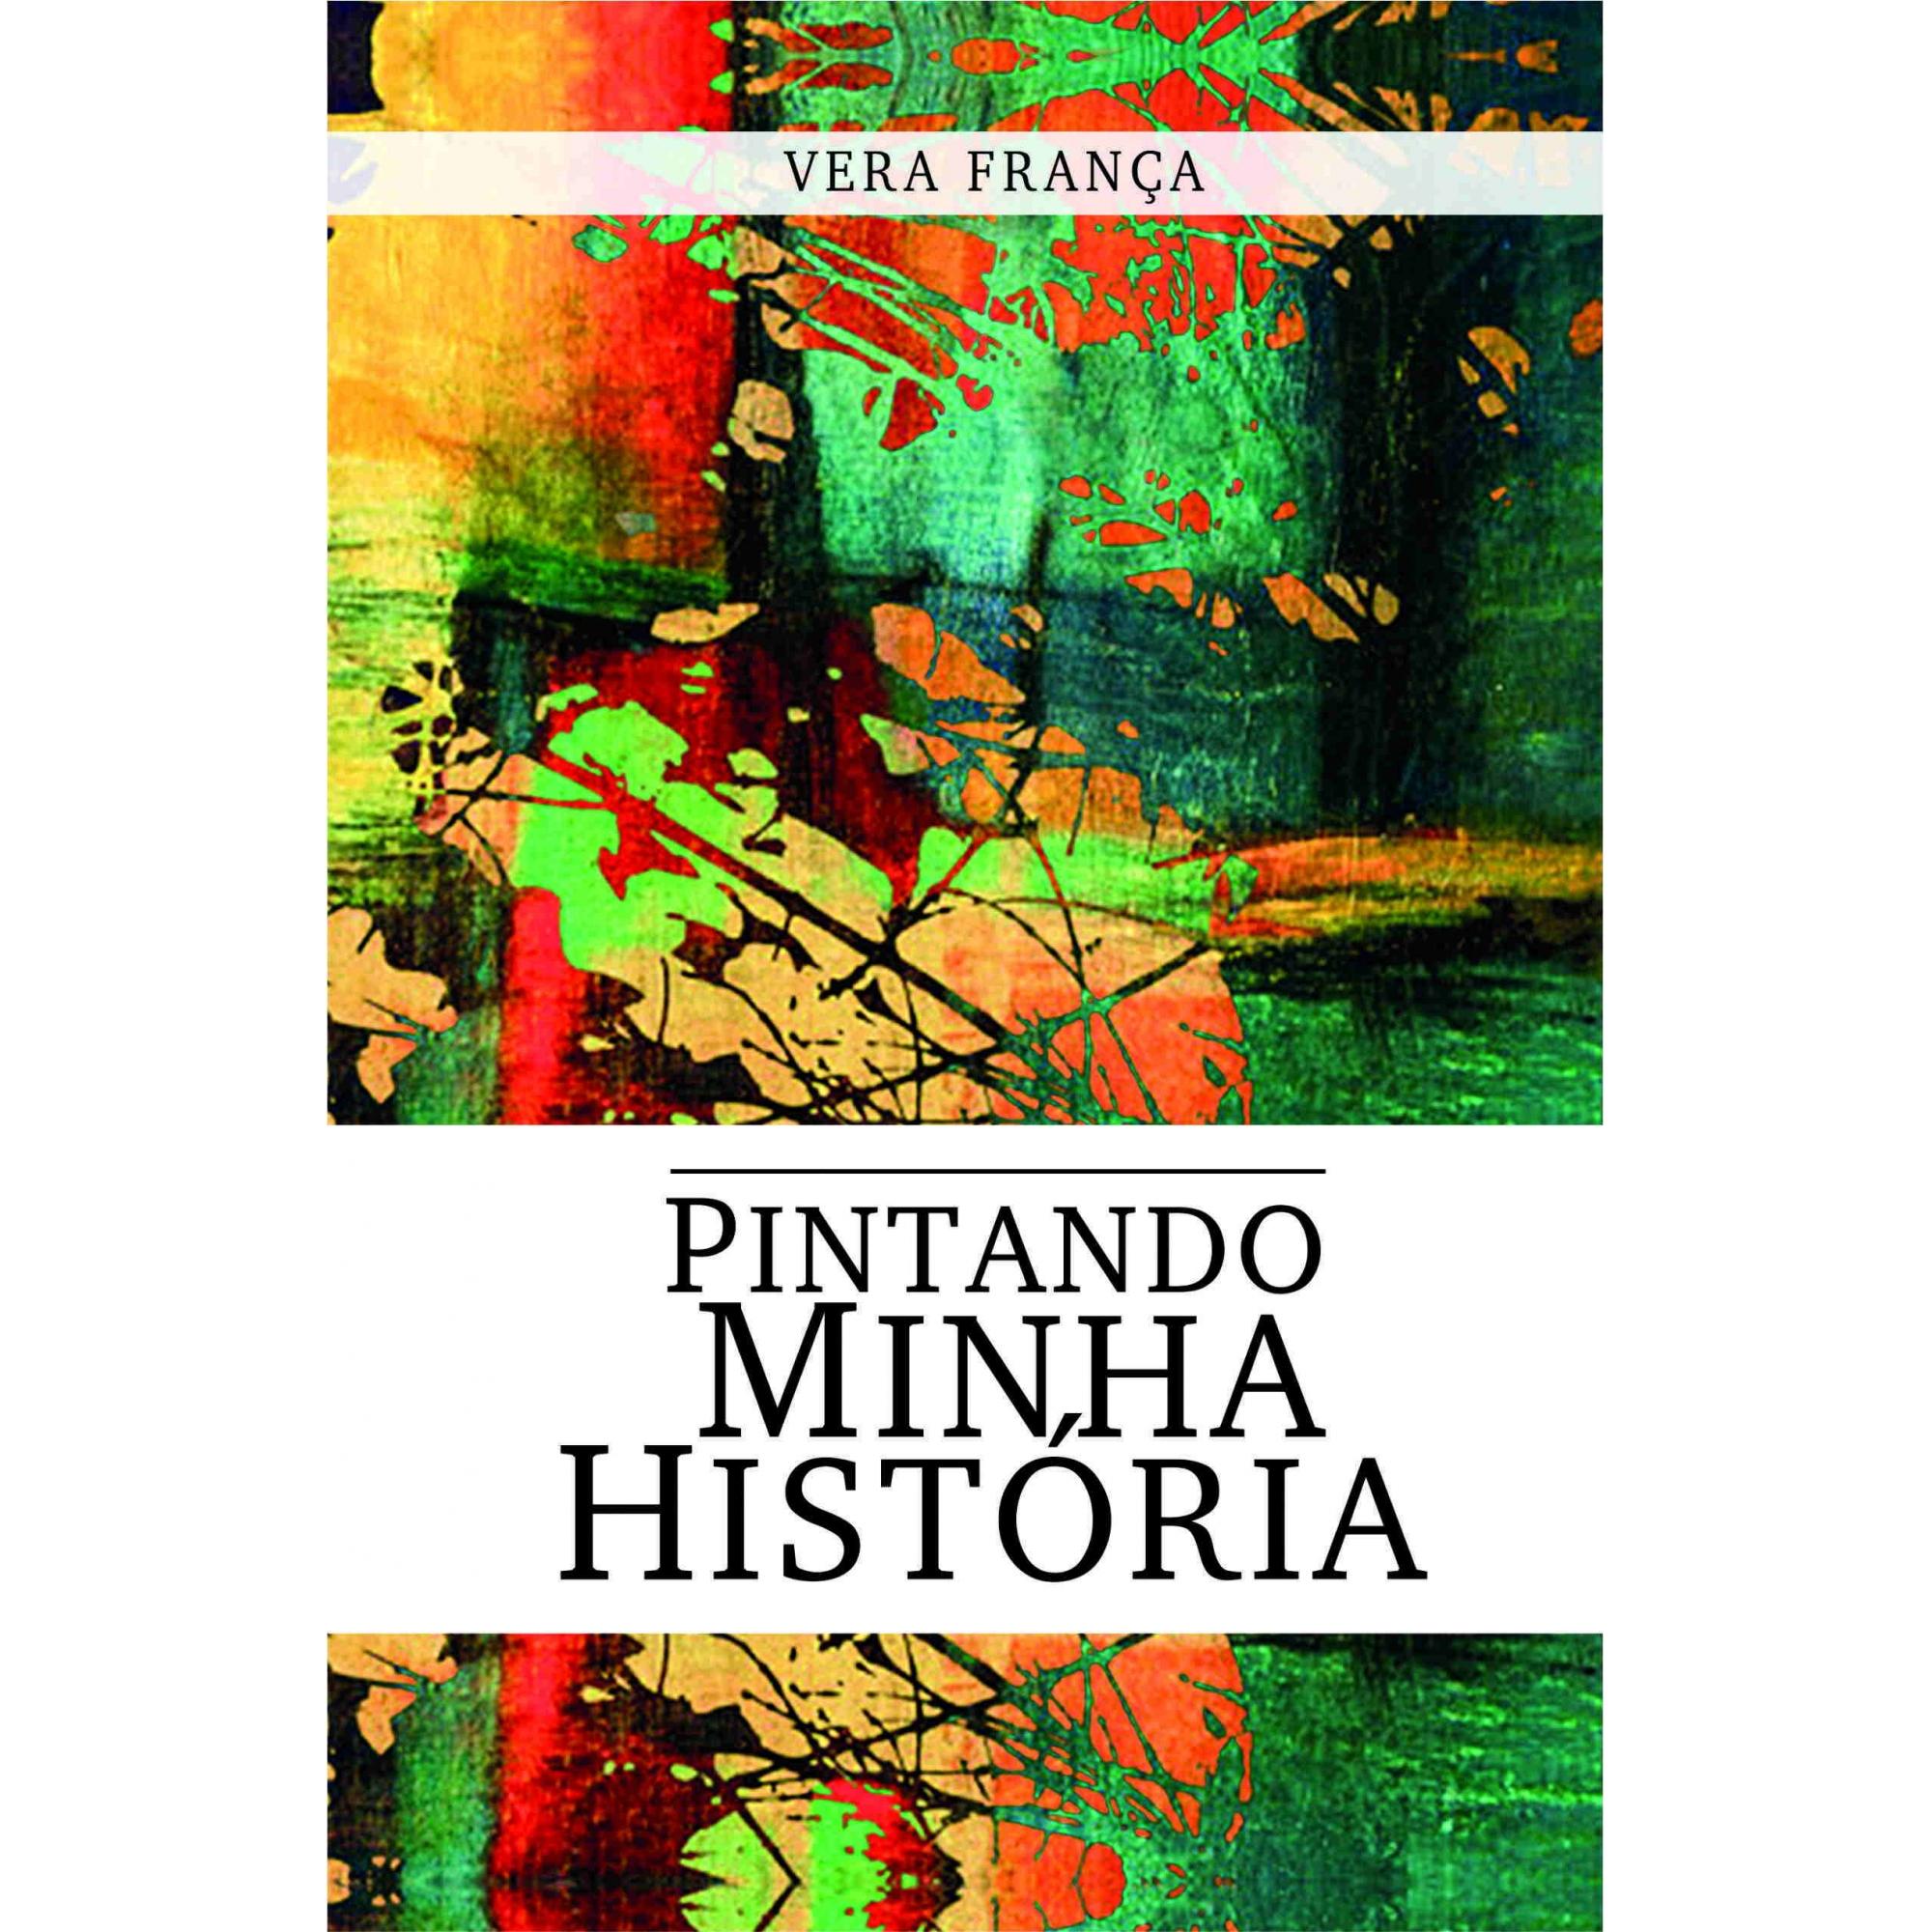 LIVRO PINTANDO MINHA HISTÓRIA